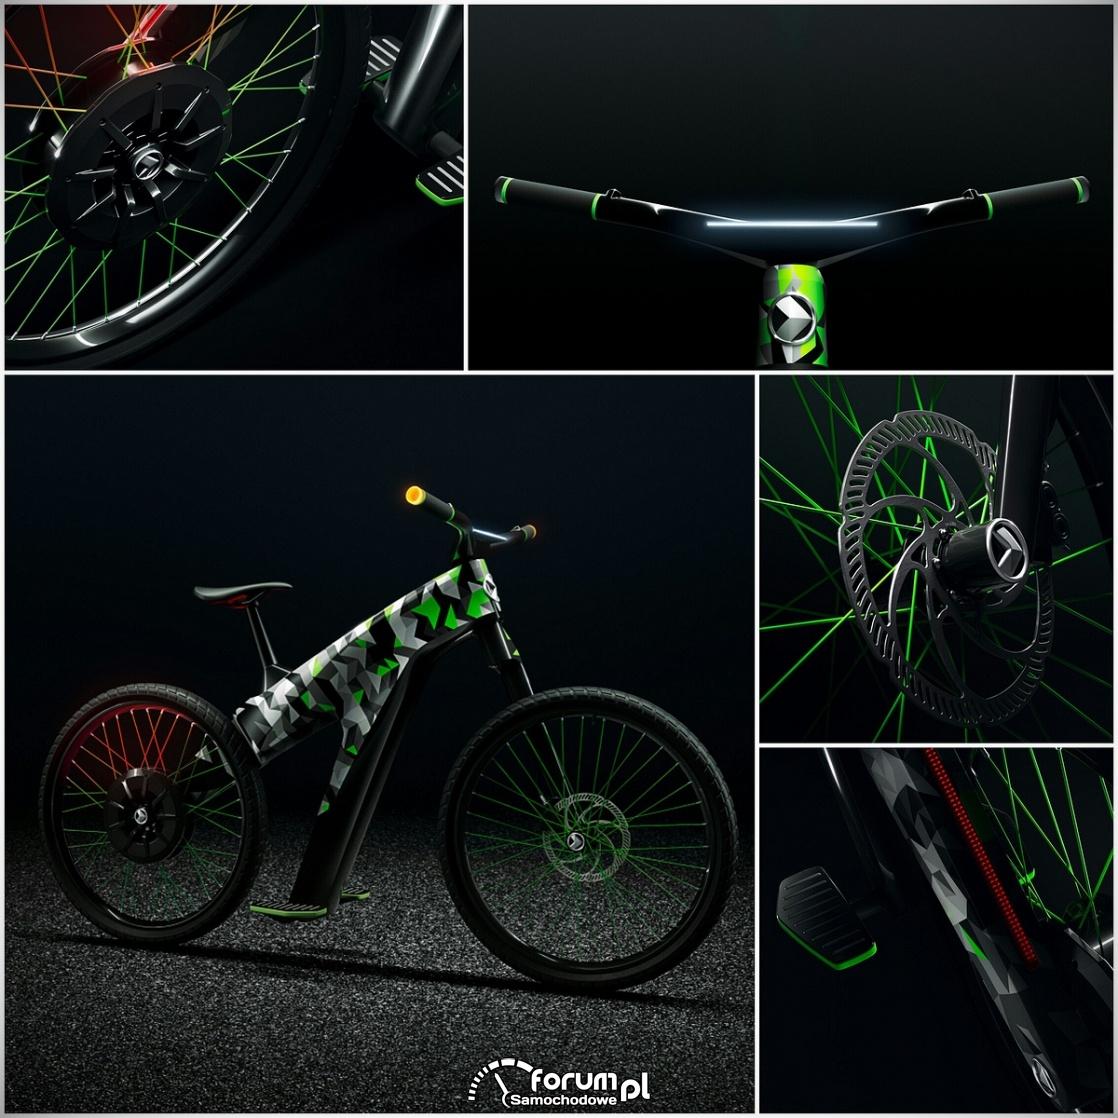 KLEMENT - koncepcyjny dwukołowy środek miejskiego transportu (rower)